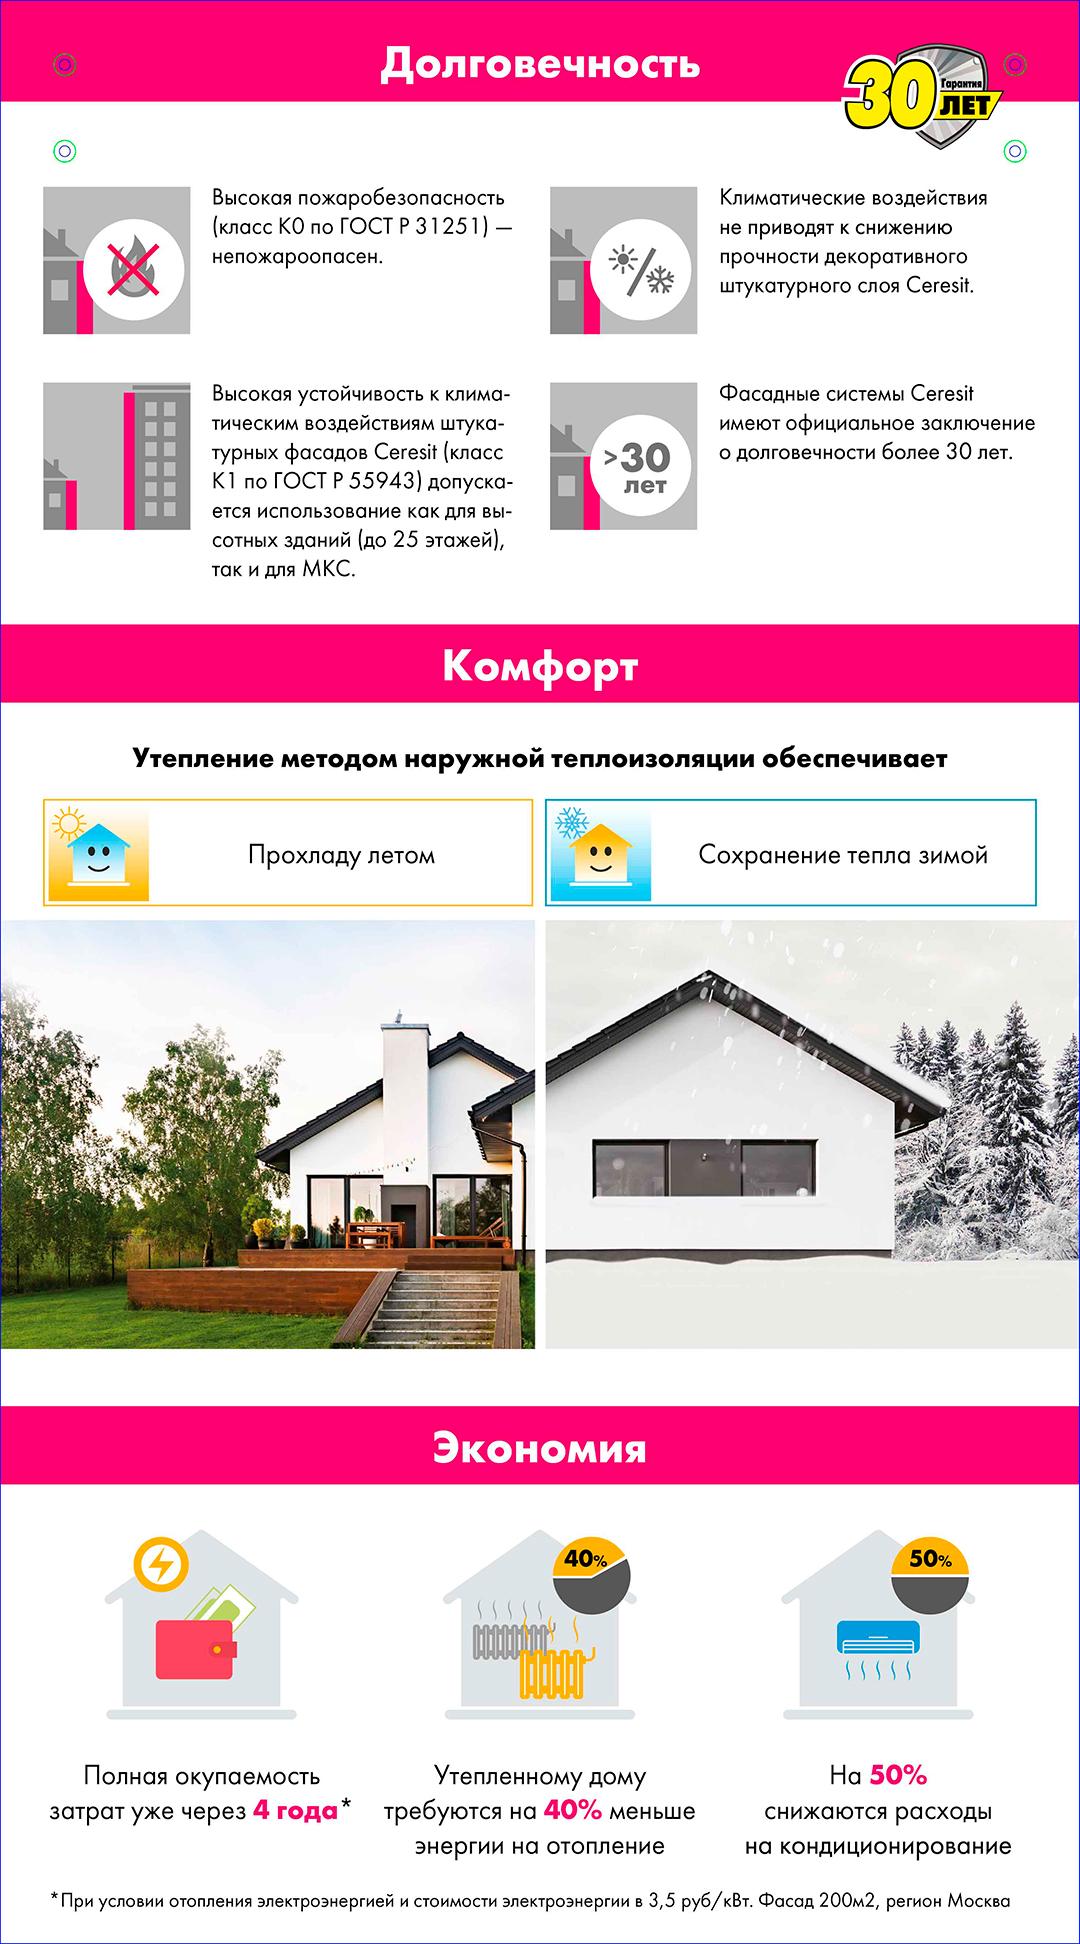 Ремонт фасадов многоквартирных домов в москве